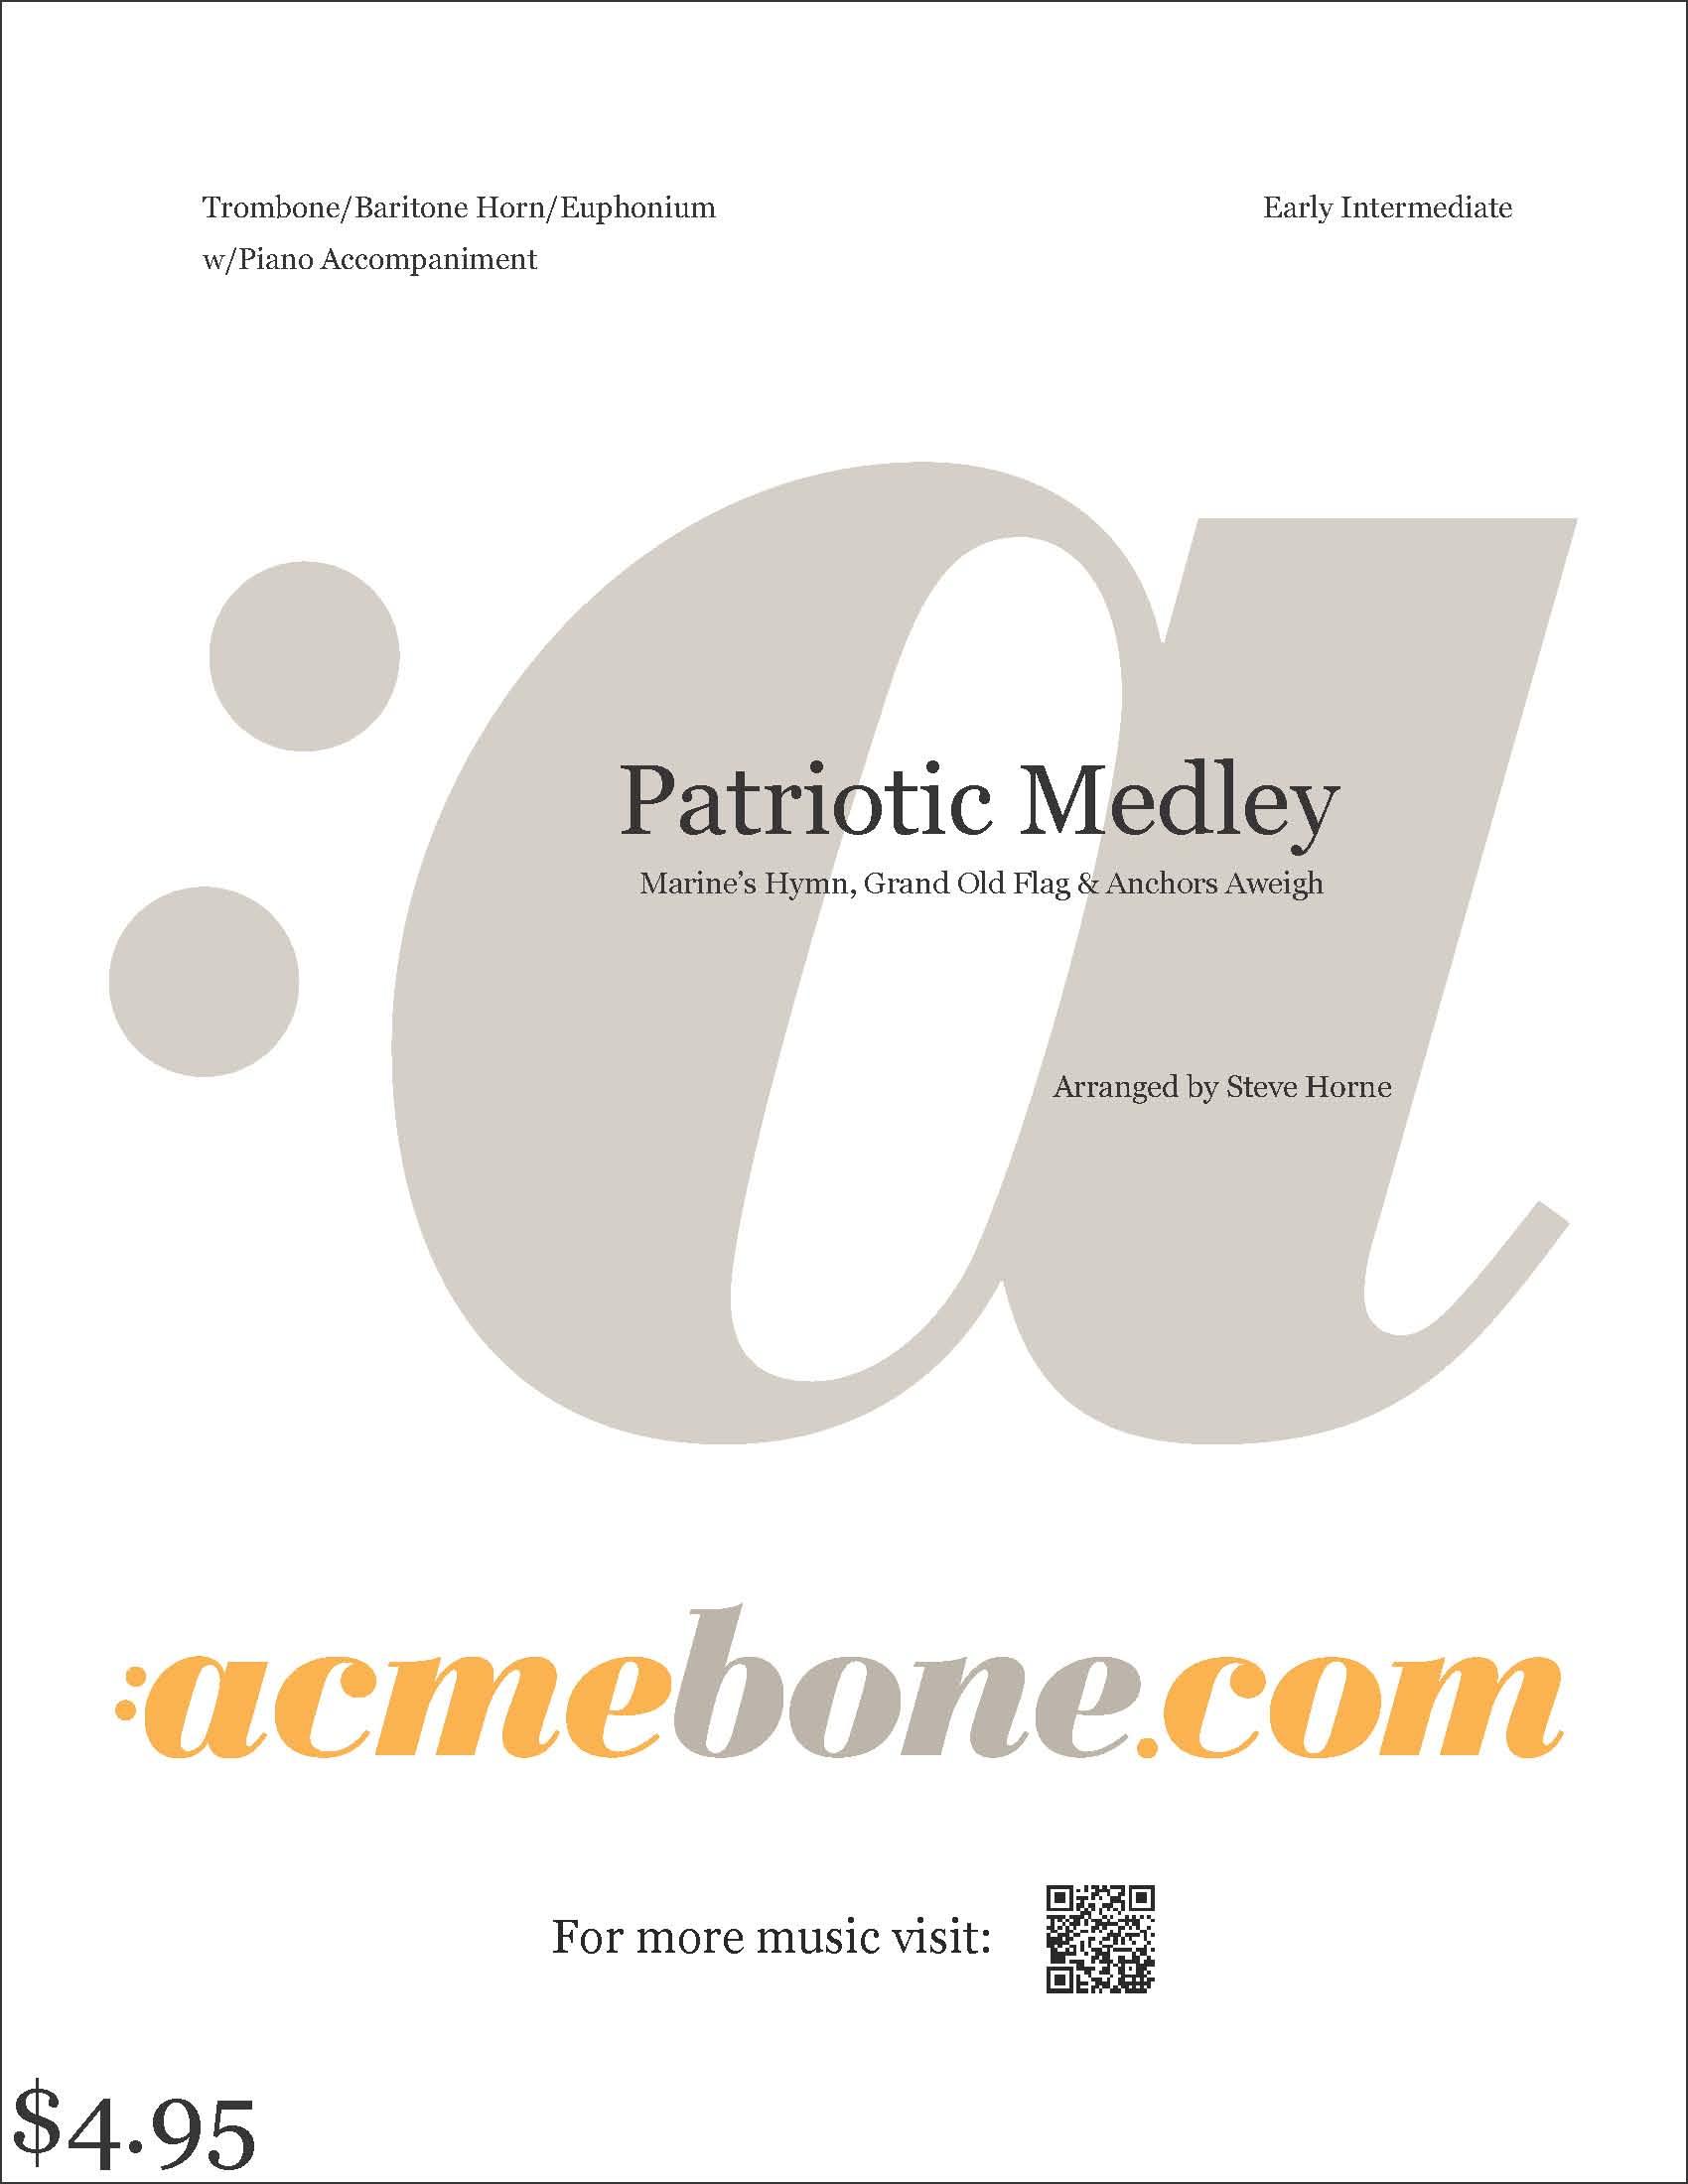 Patriotic Medley_digital_cover_w-bo_price.jpg